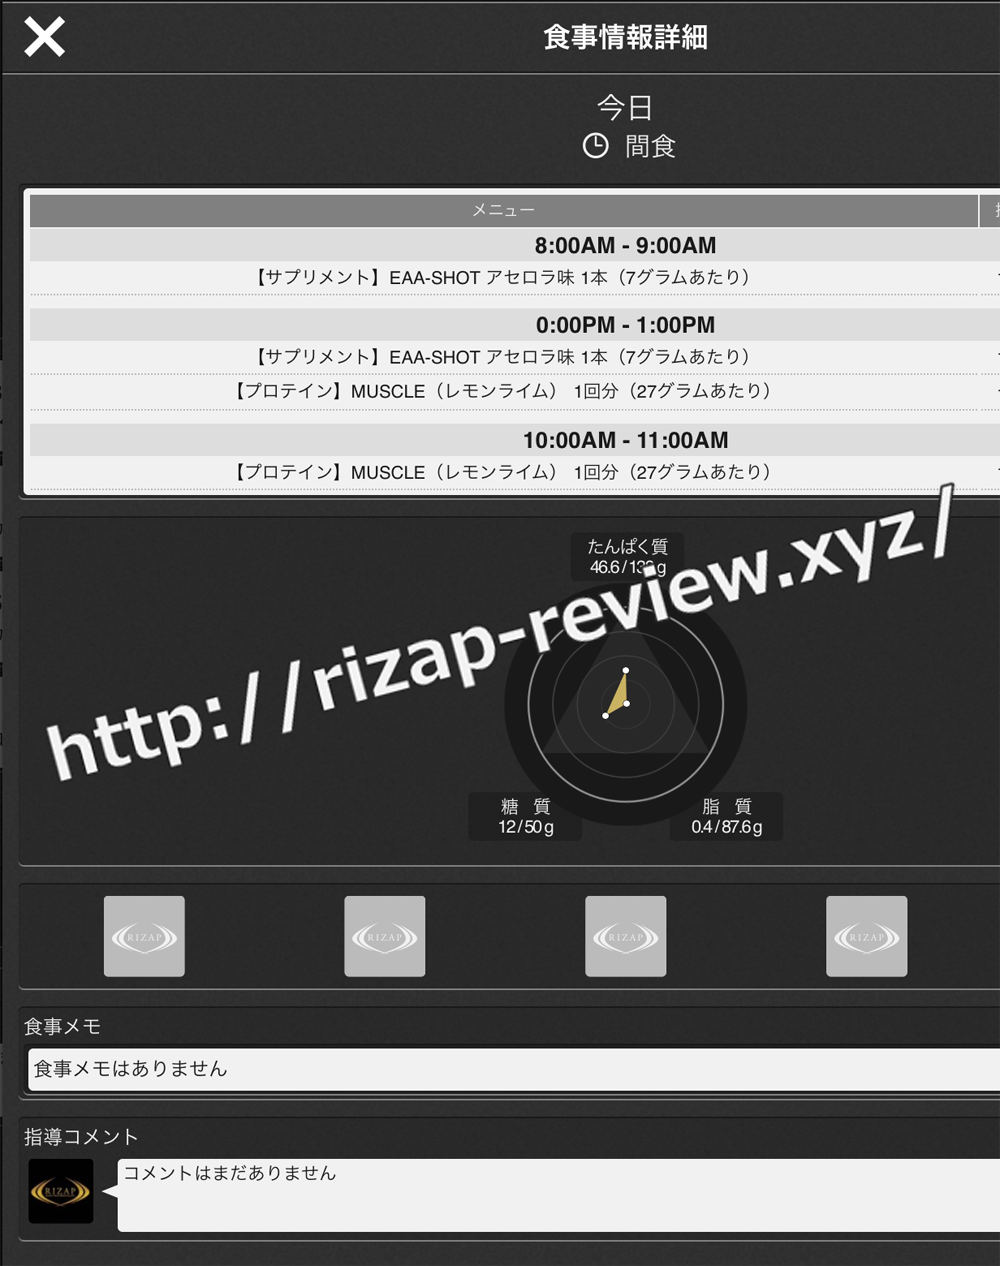 2018.10.16(火)ライザップ流の間食